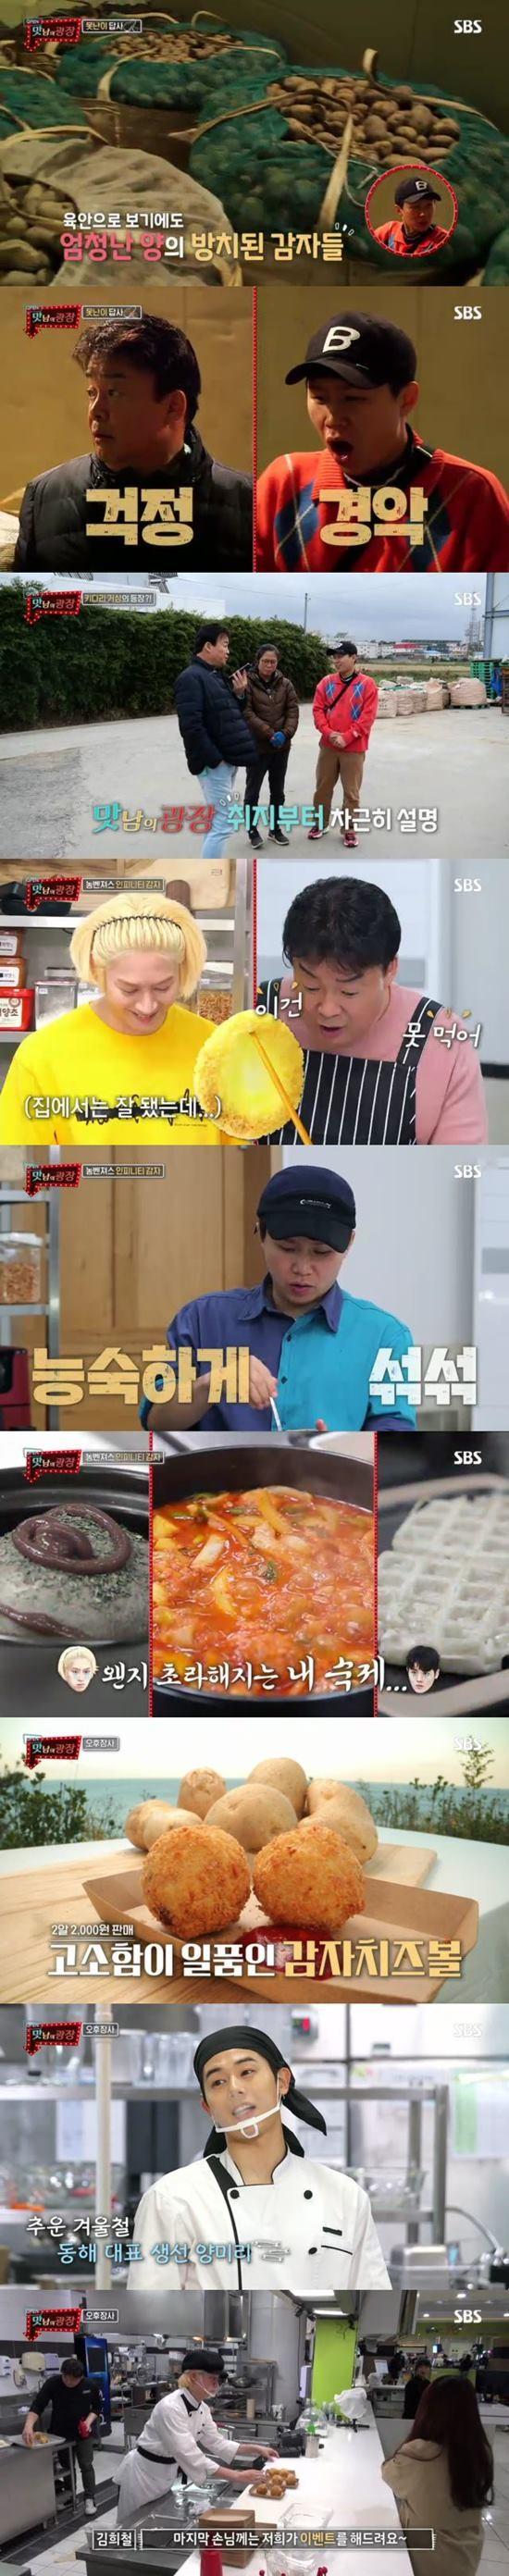 '맛남의광장' 2회 만에 시청률 껑충…양세형 선배미 최고의 1분 9.7%